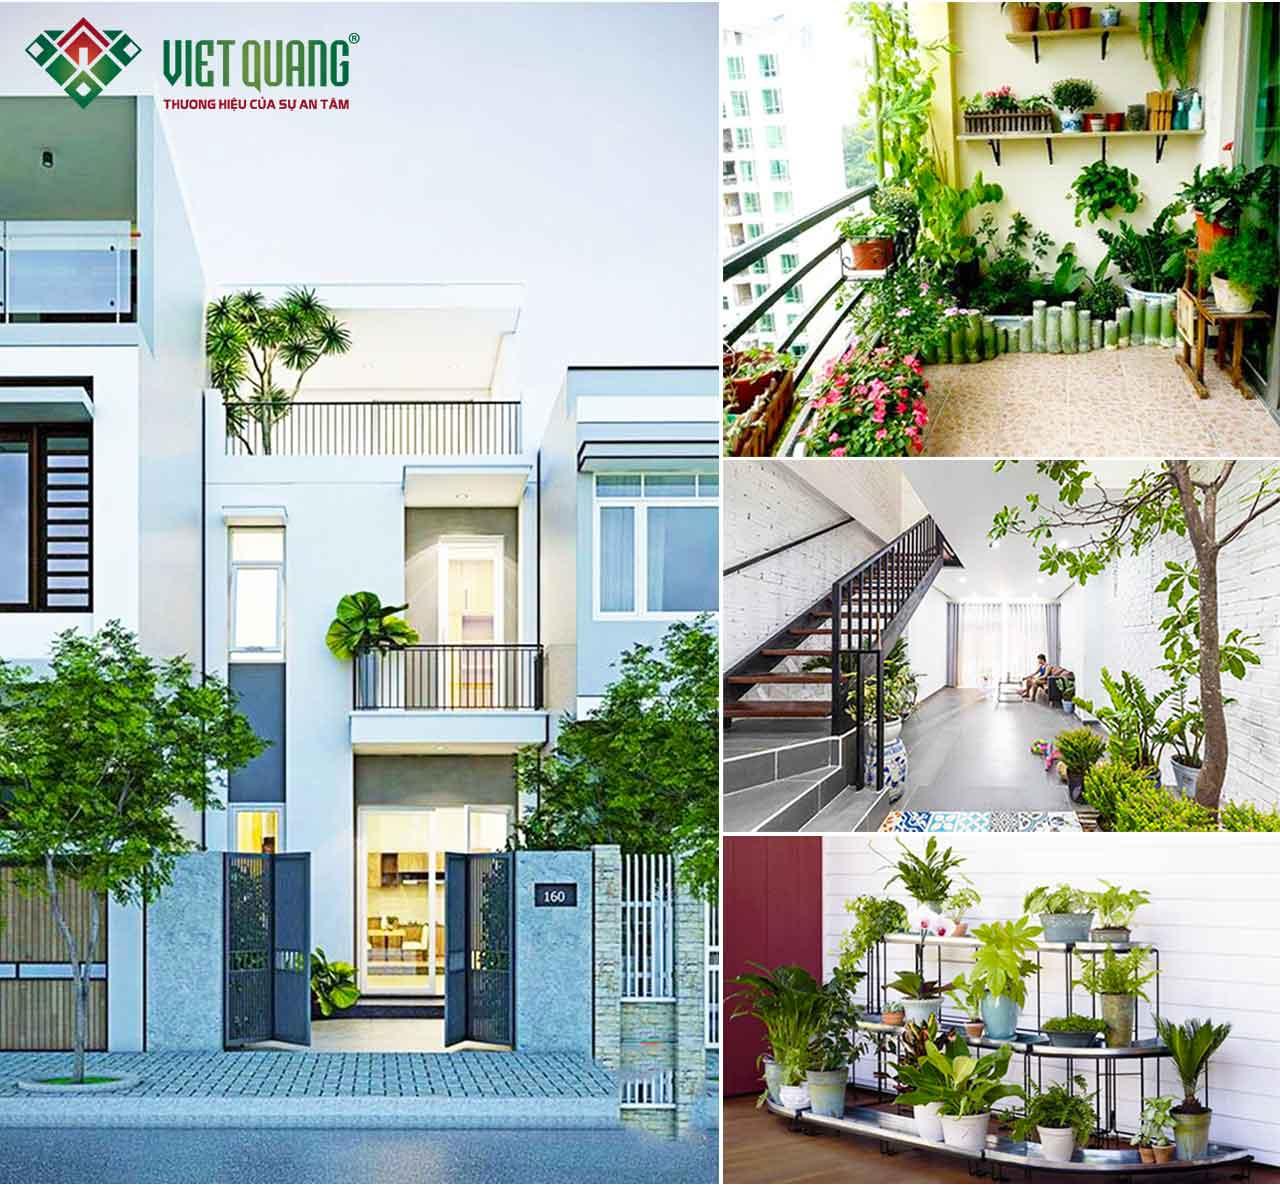 5 giải pháp chống nóng cho nhà phố